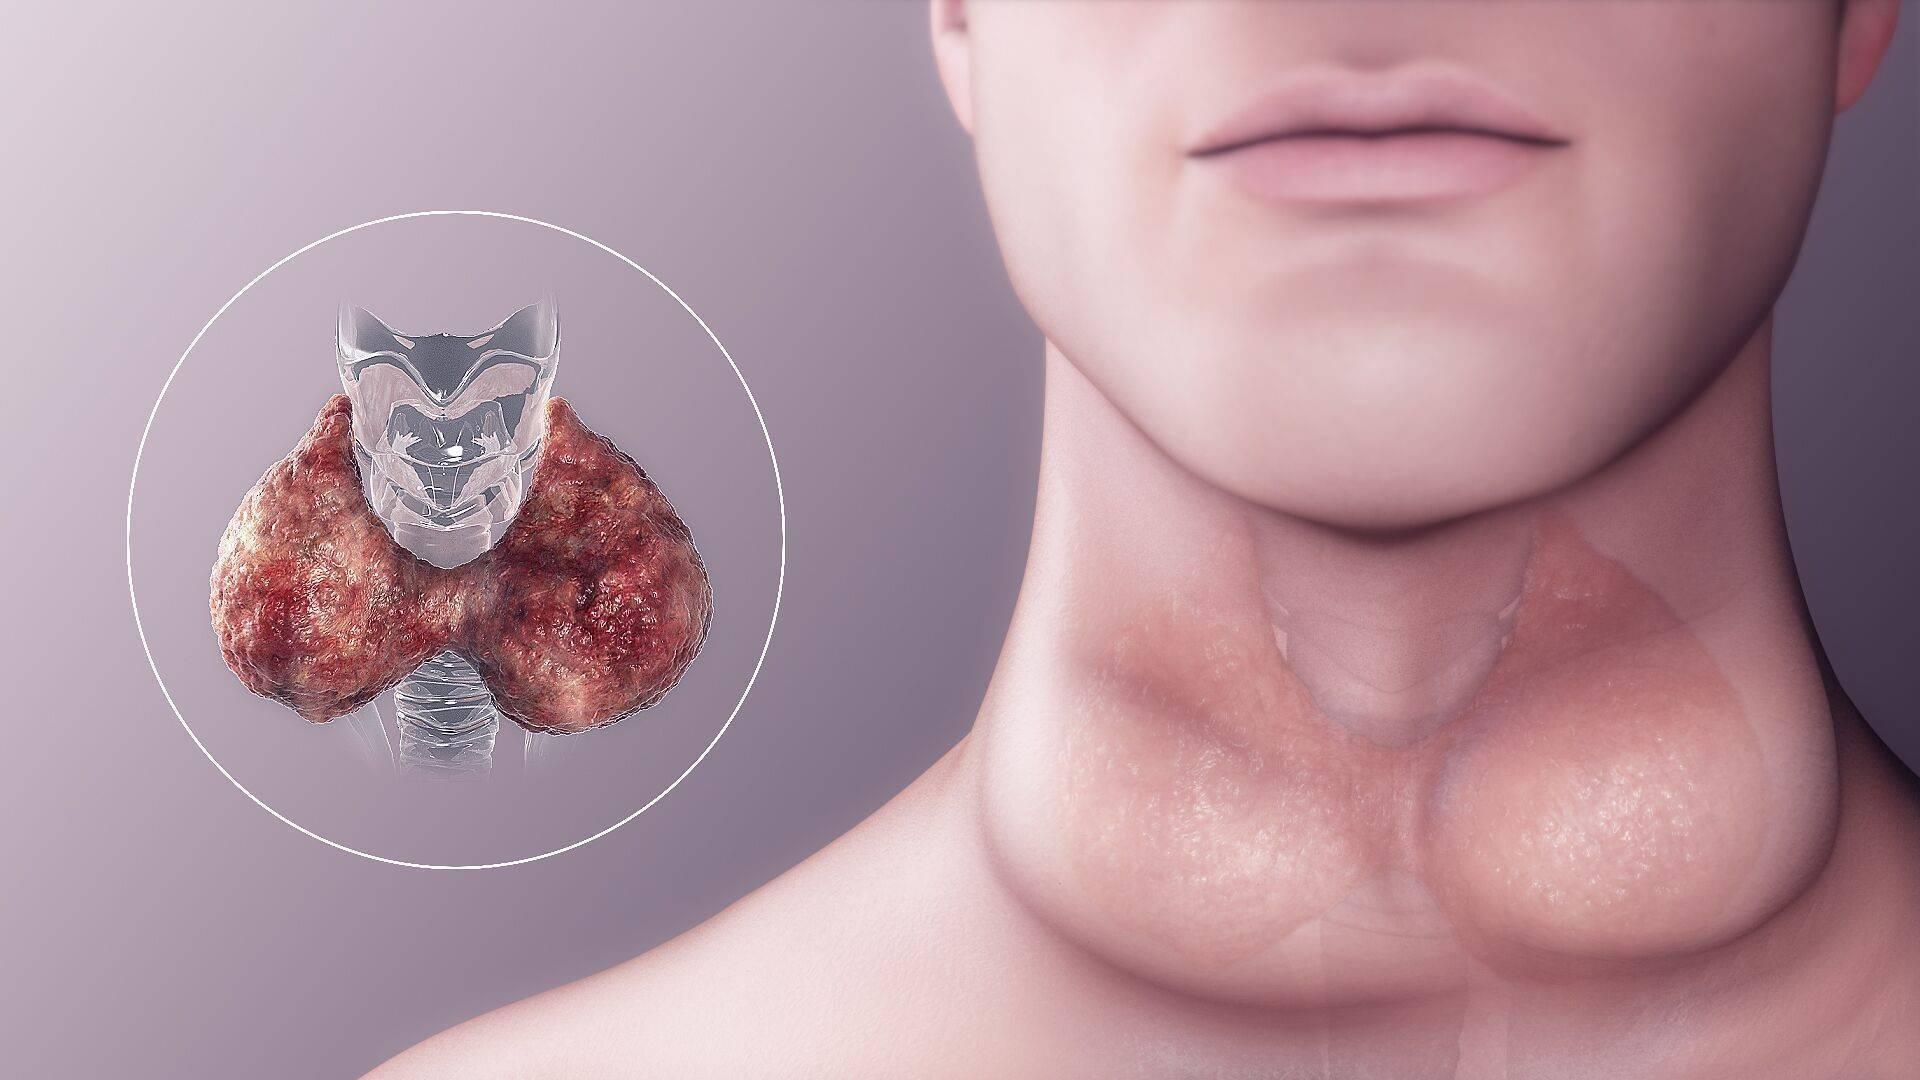 Рак щитовидной железы. симптомы, признаки, причины, диагностика и лечение заболевания.  :: polismed.com